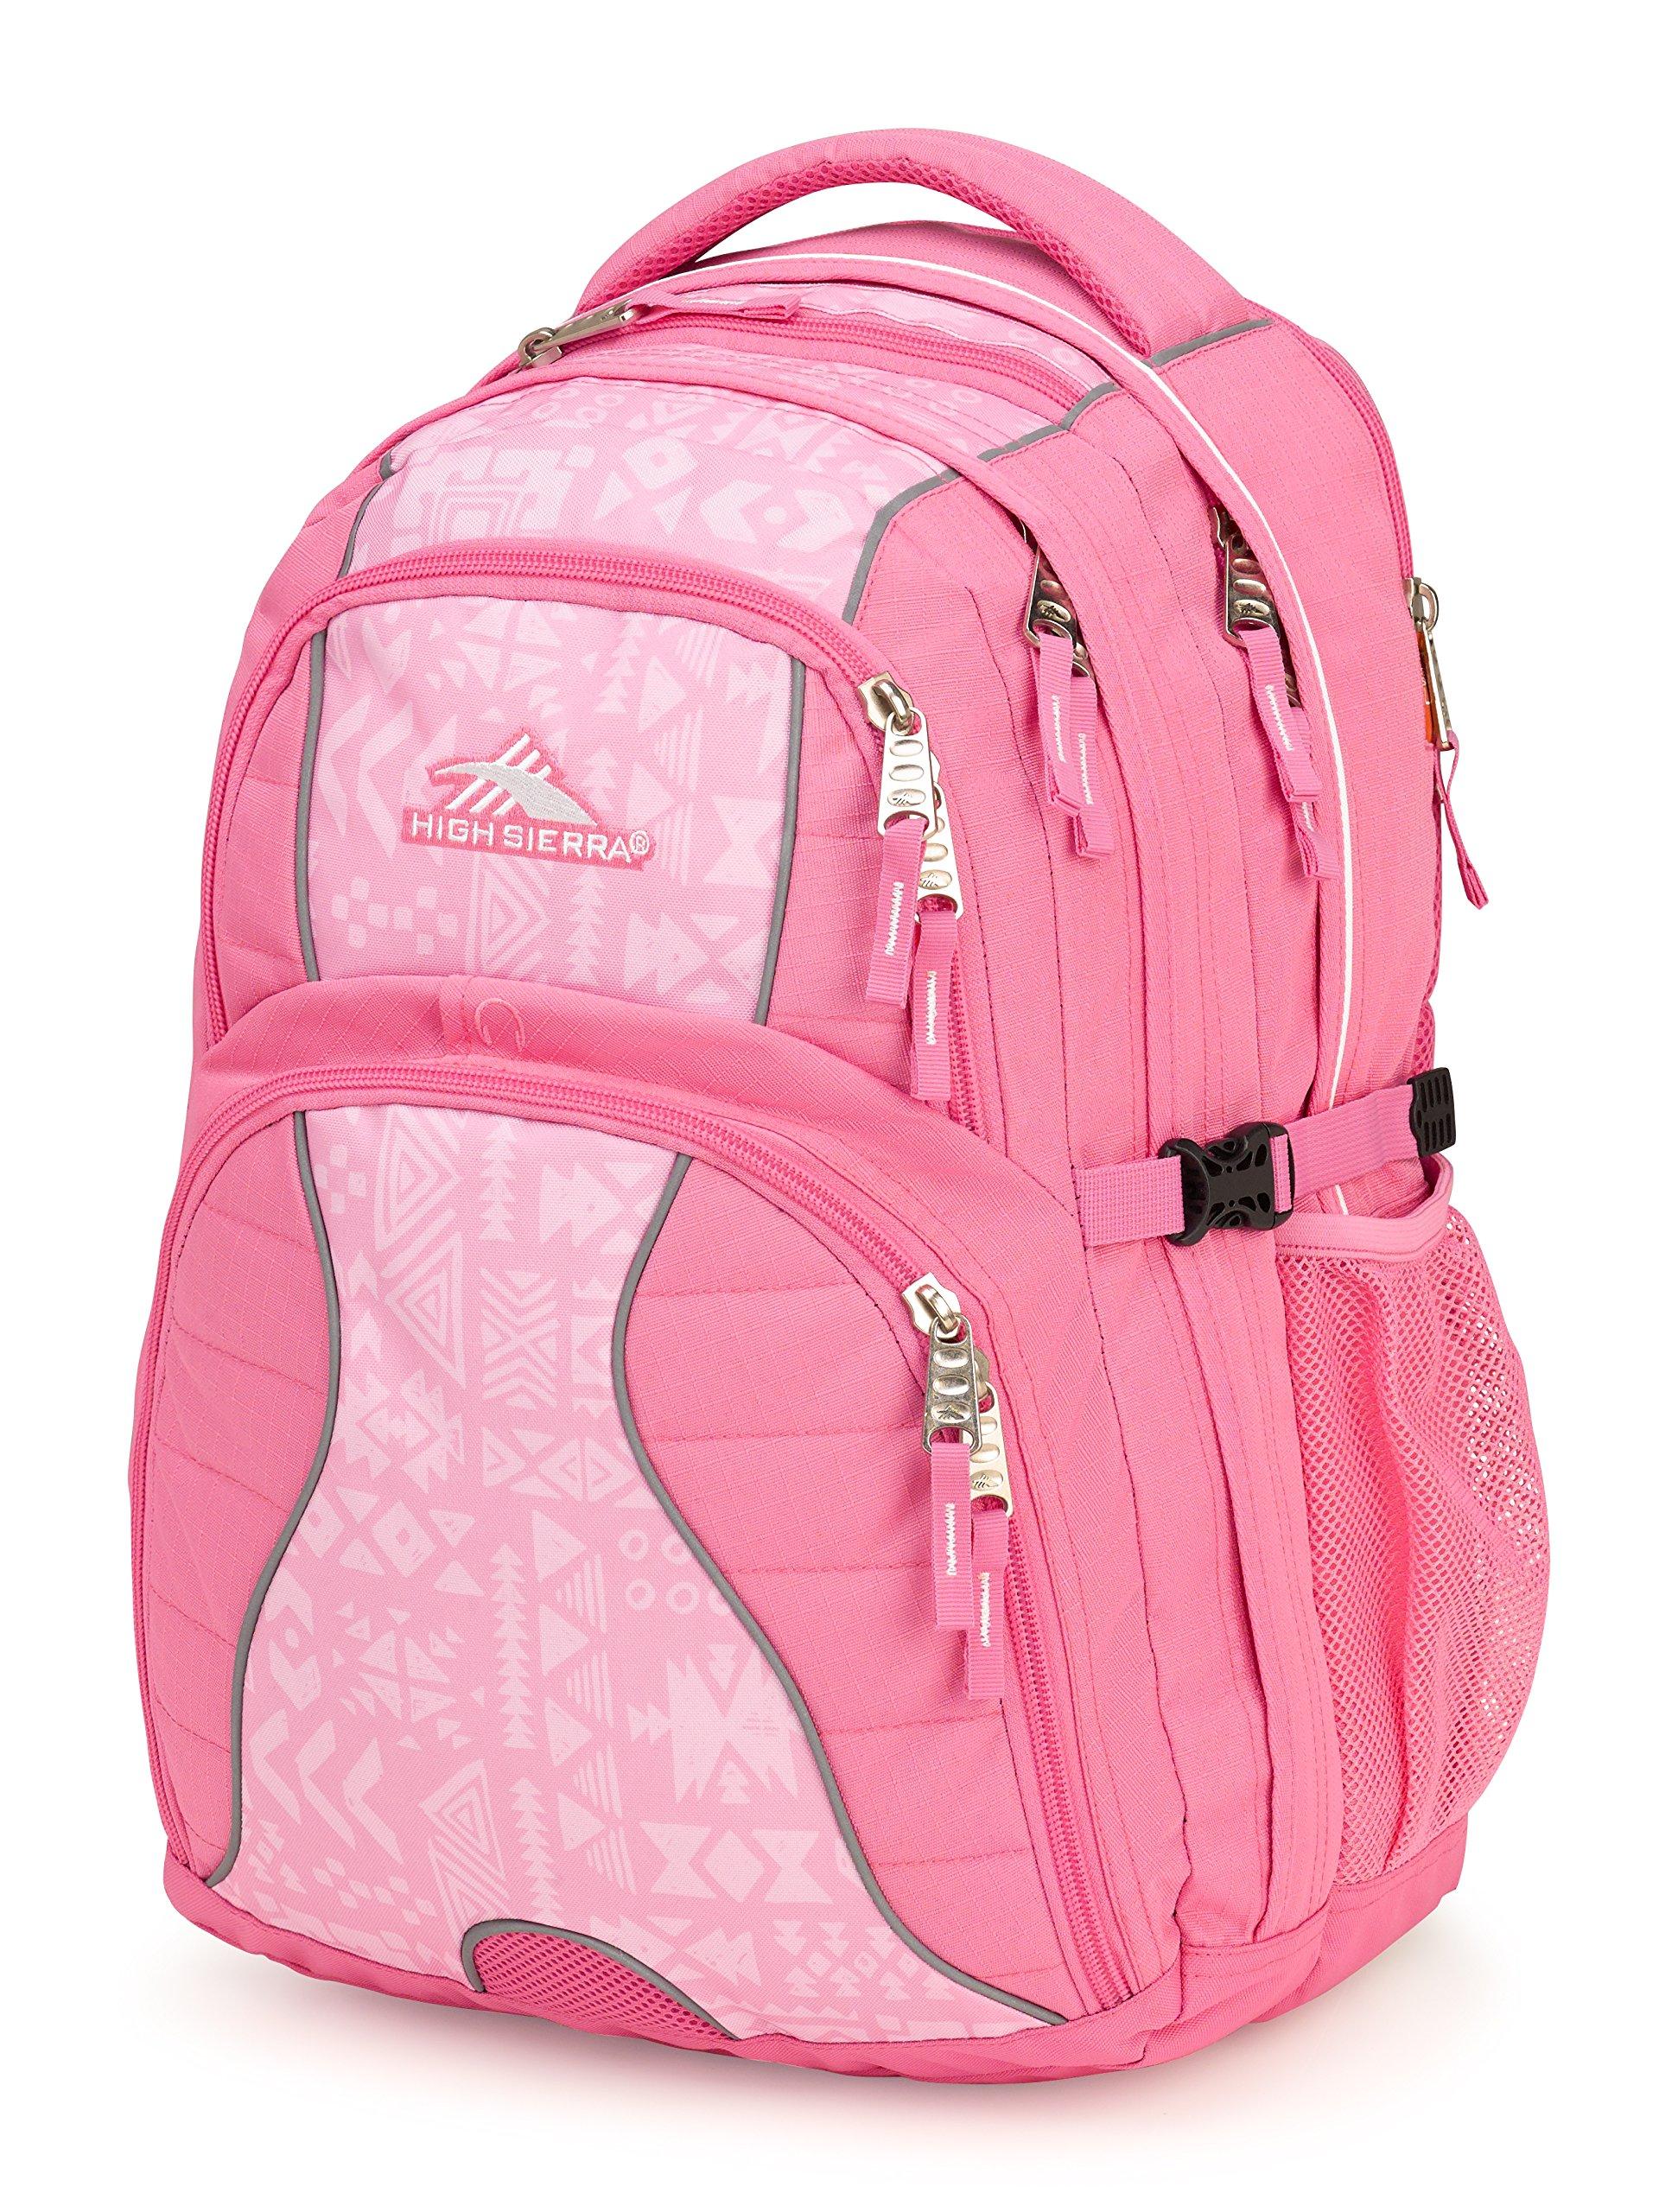 High Sierra Swerve Laptop Backpack, Pink Lemonade/Block Print